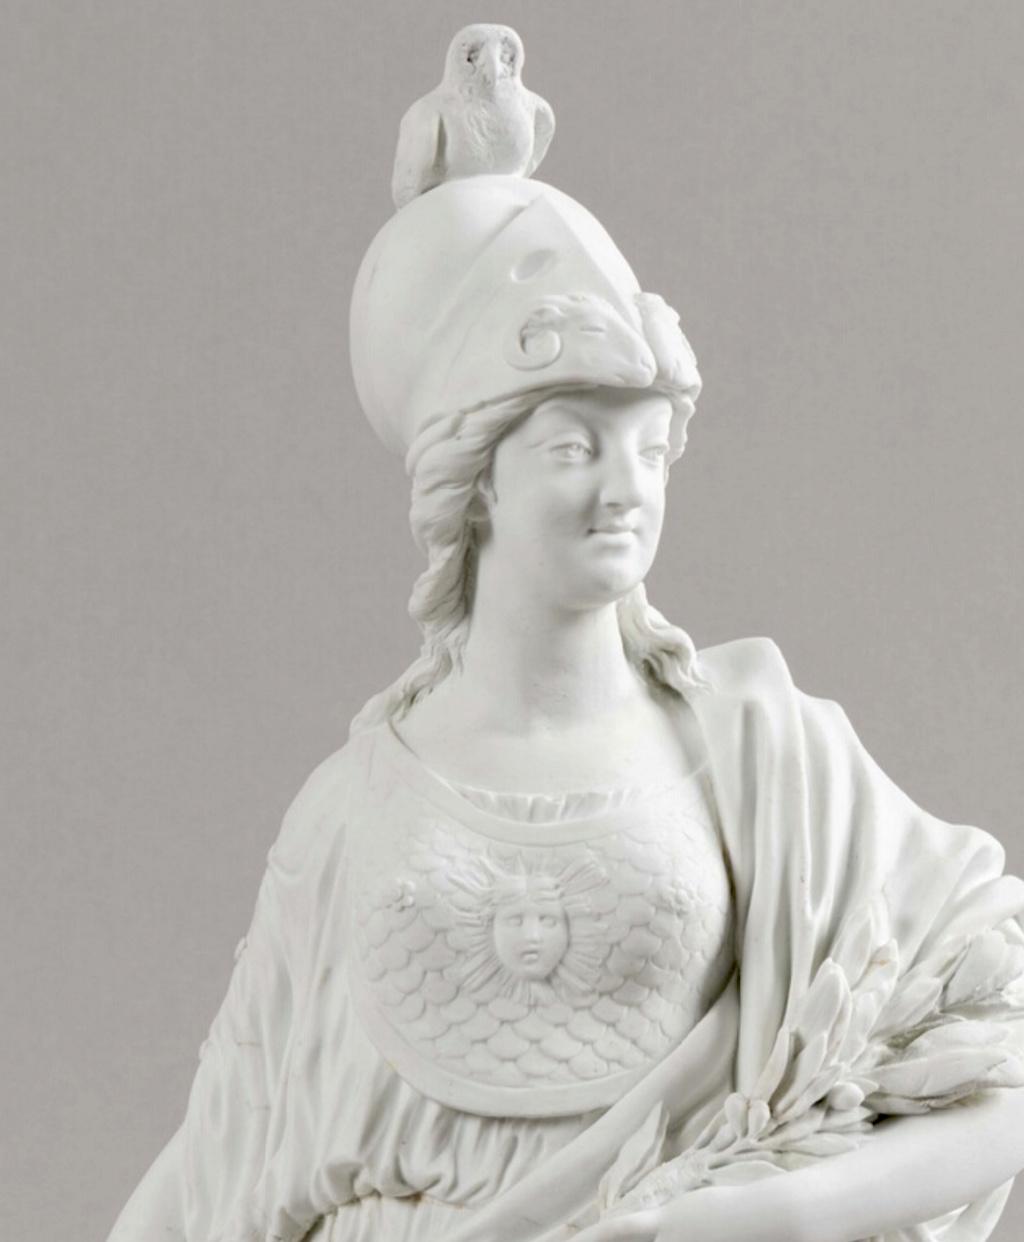 Groupe en biscuit de porcelaine de Niderviller, par Lemire : Marie-Antoinette représentée sous les traits de Minerve ? Marie_28